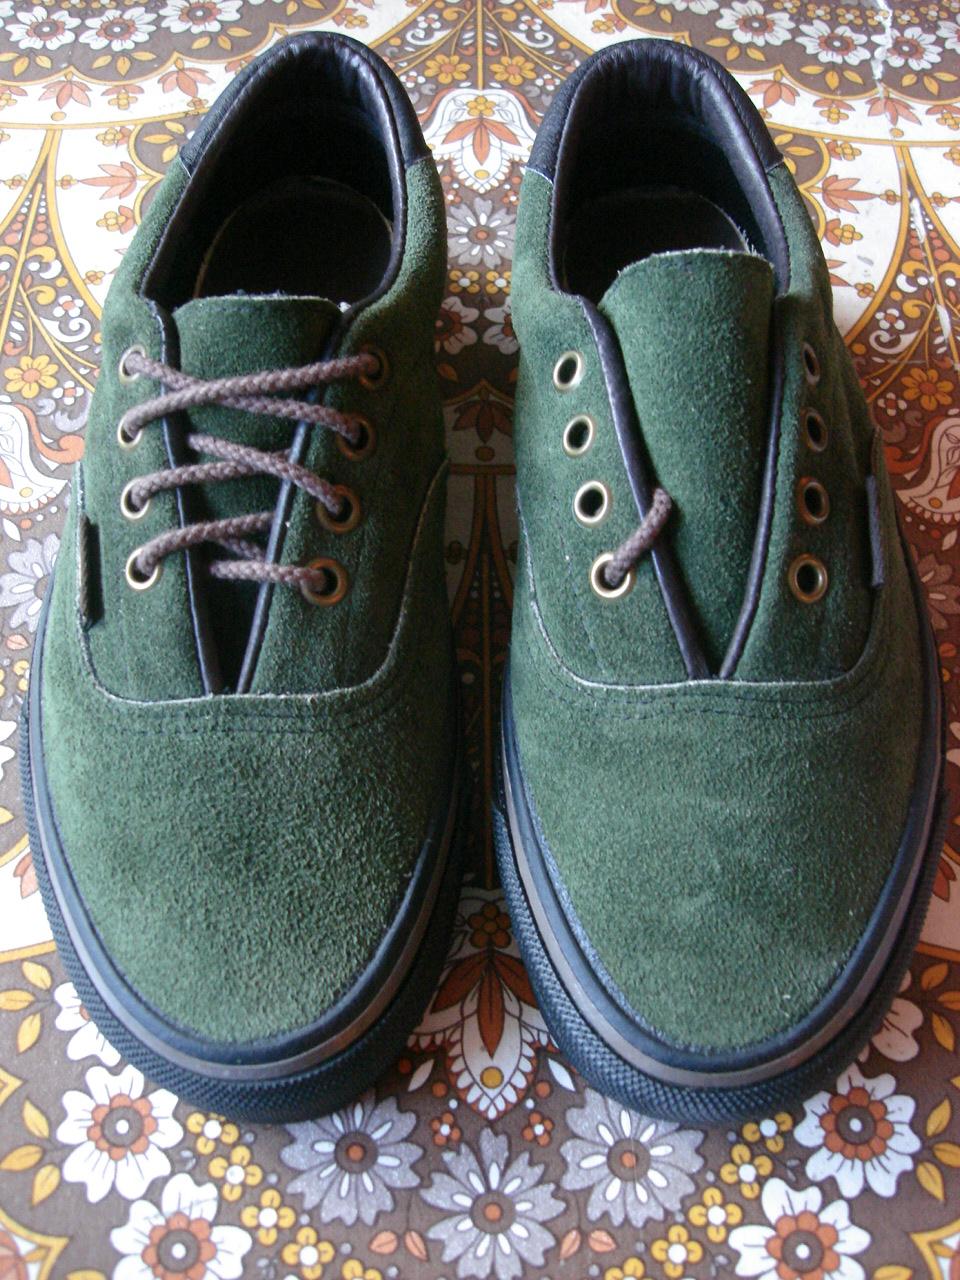 Theothersideofthepillow Vintage Vans Green Suede Era